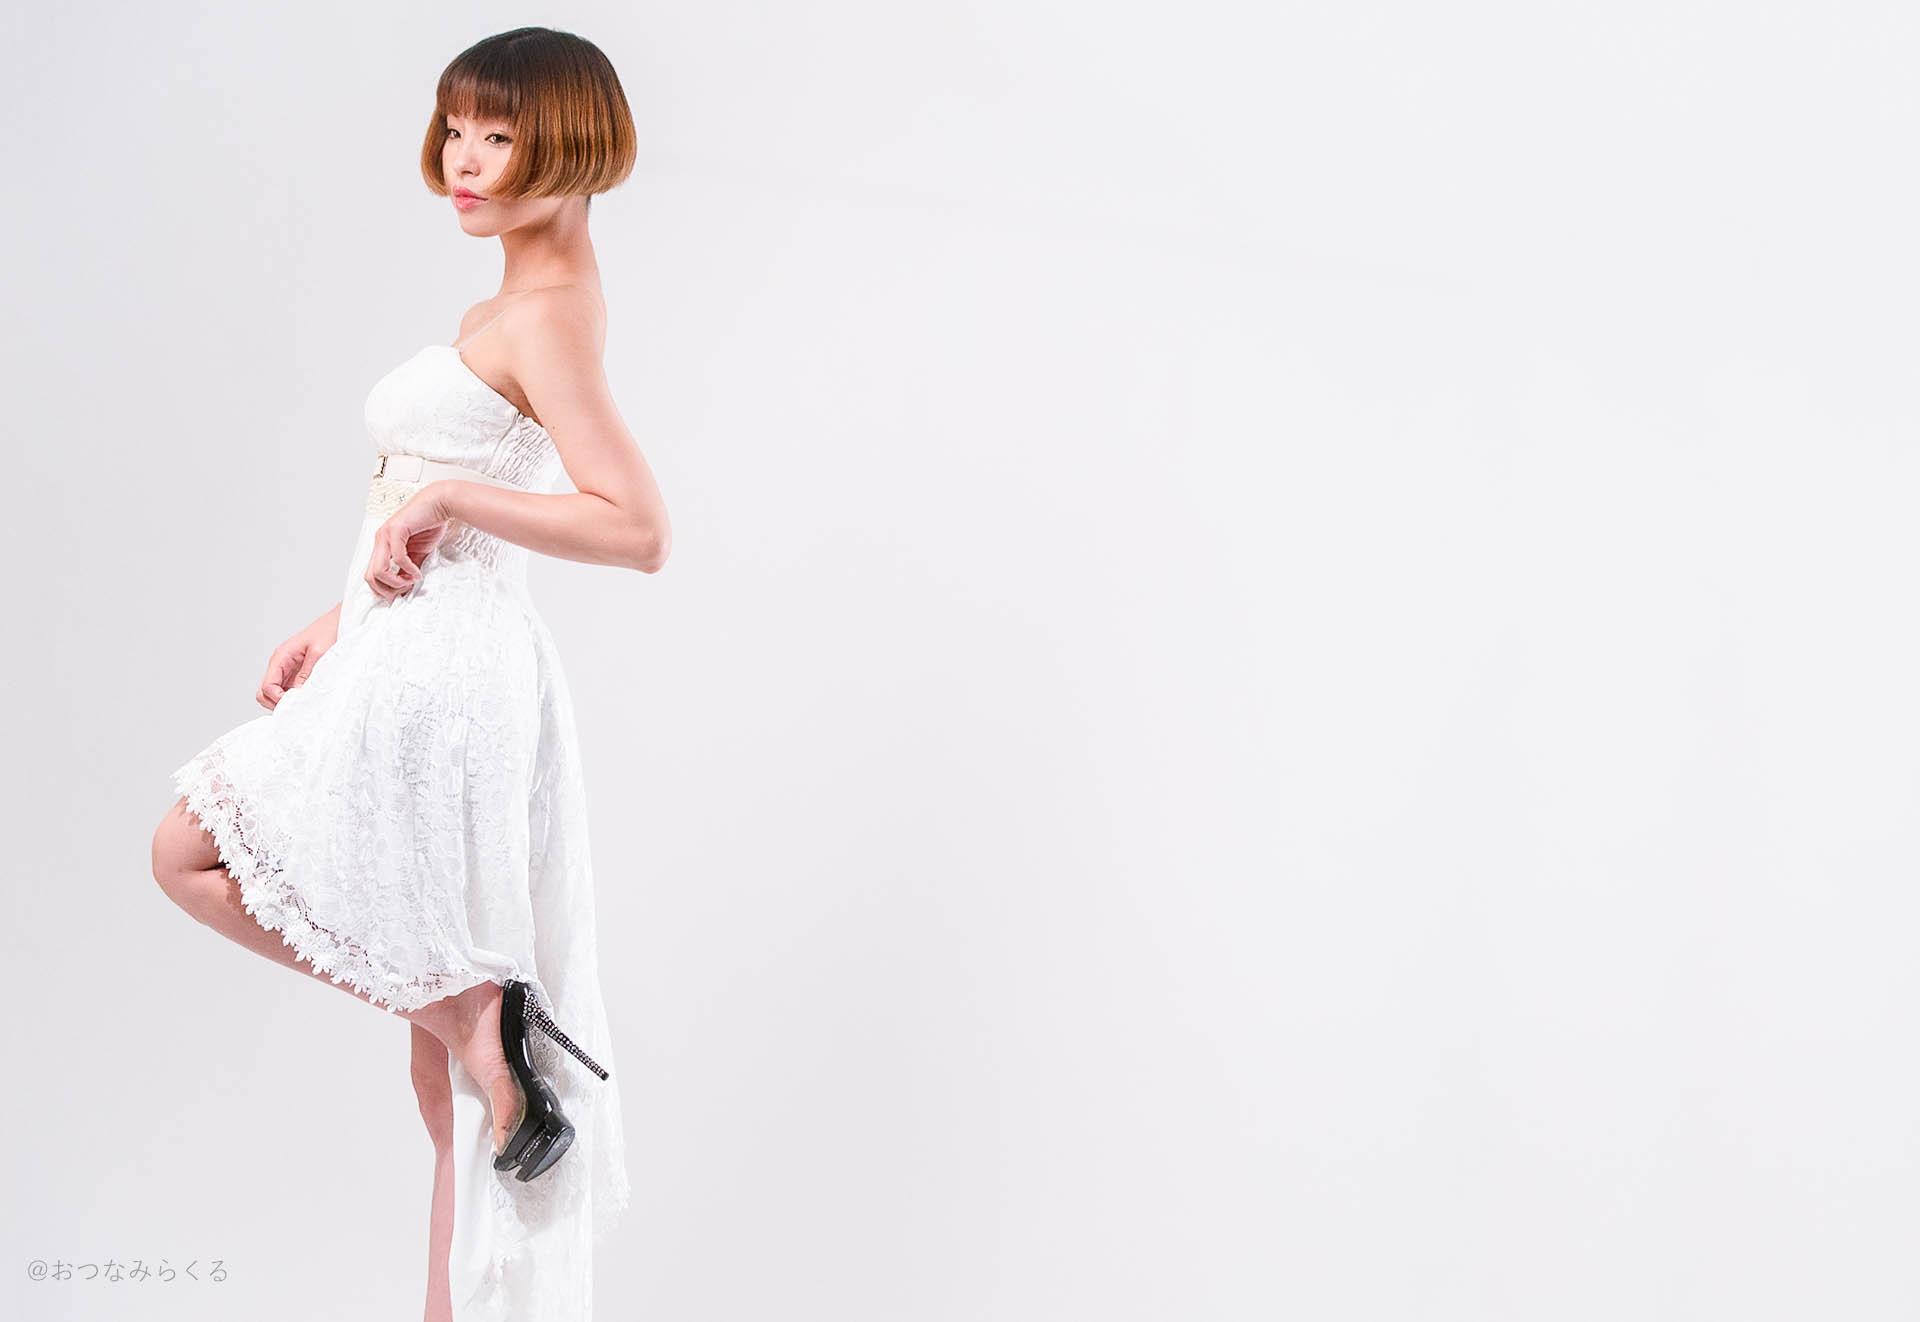 【全身系】この前のドレス撮影がホントに楽しかったから見て❤!!!